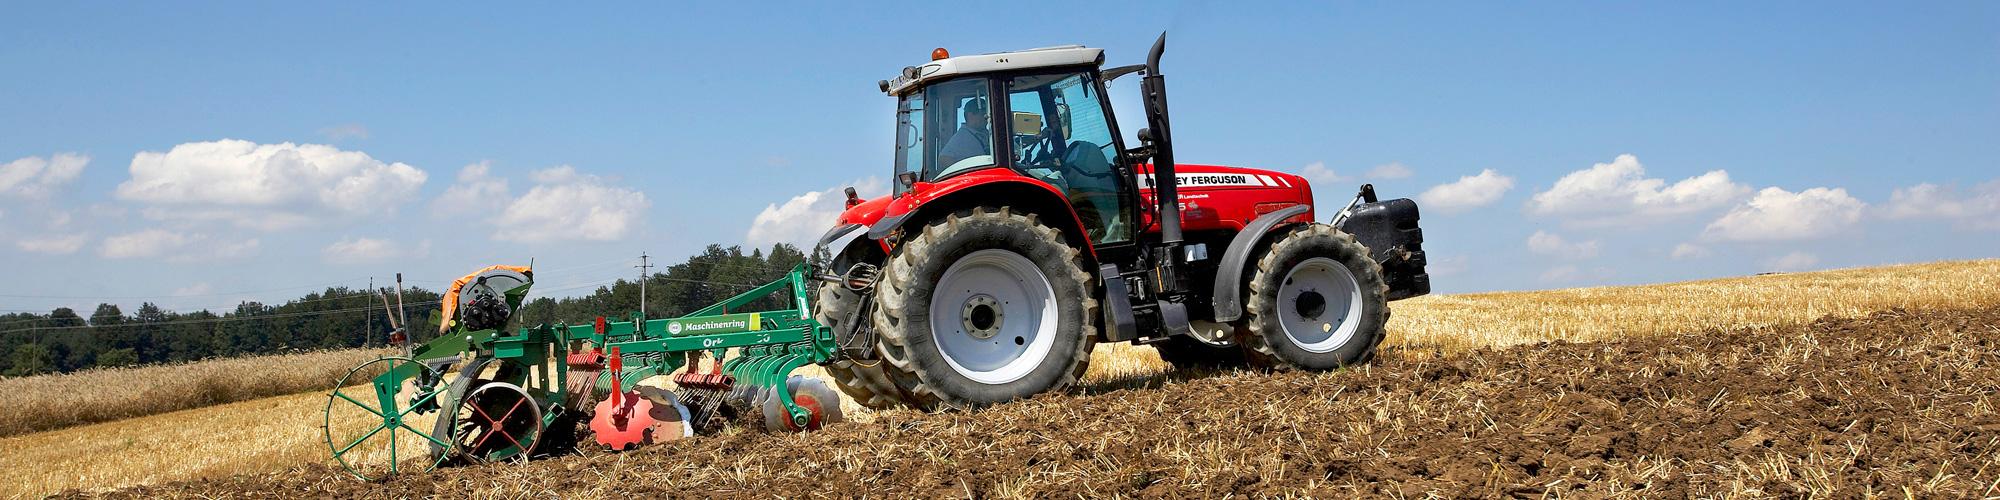 Agrardienstleistungen Ackerbau vom Maschinenring